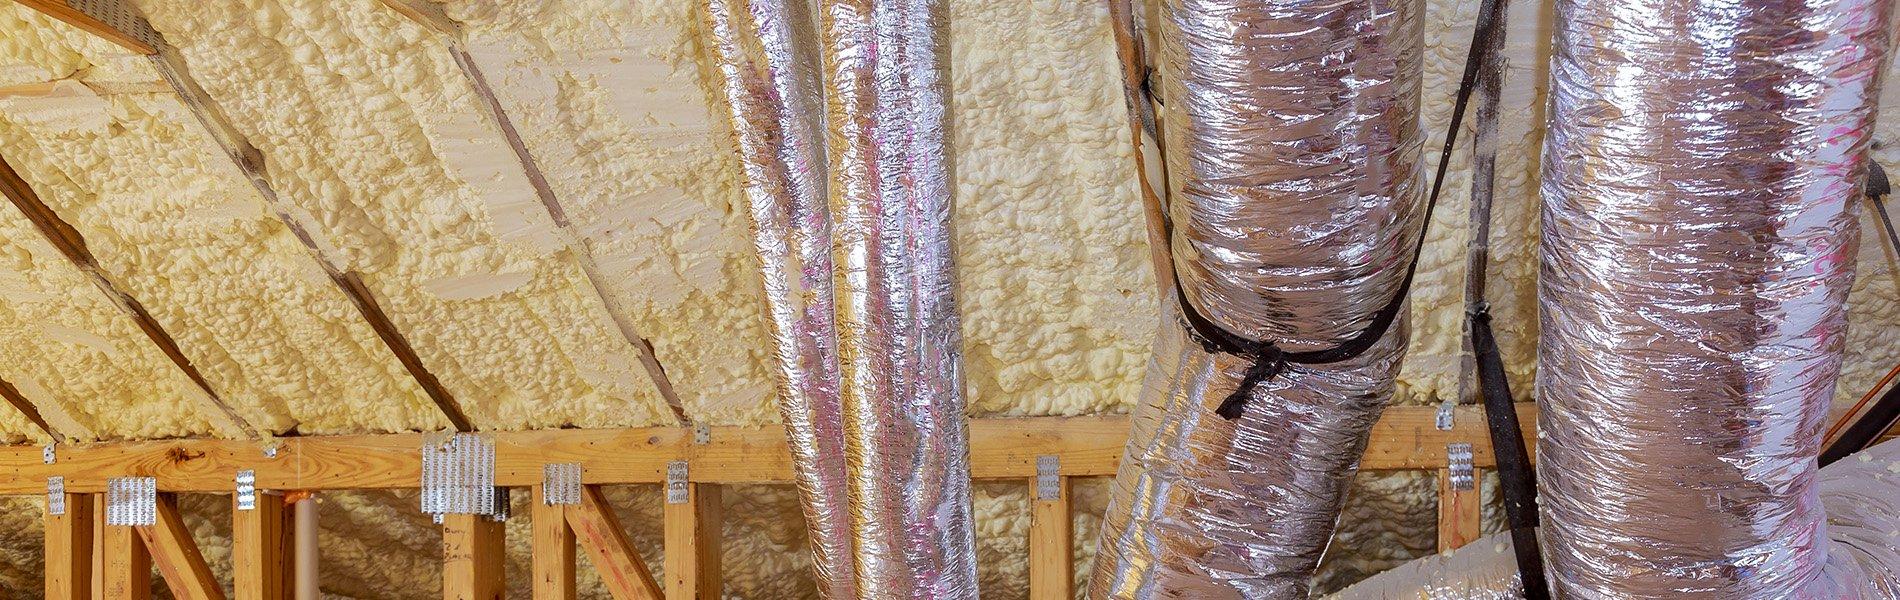 attic insulation image